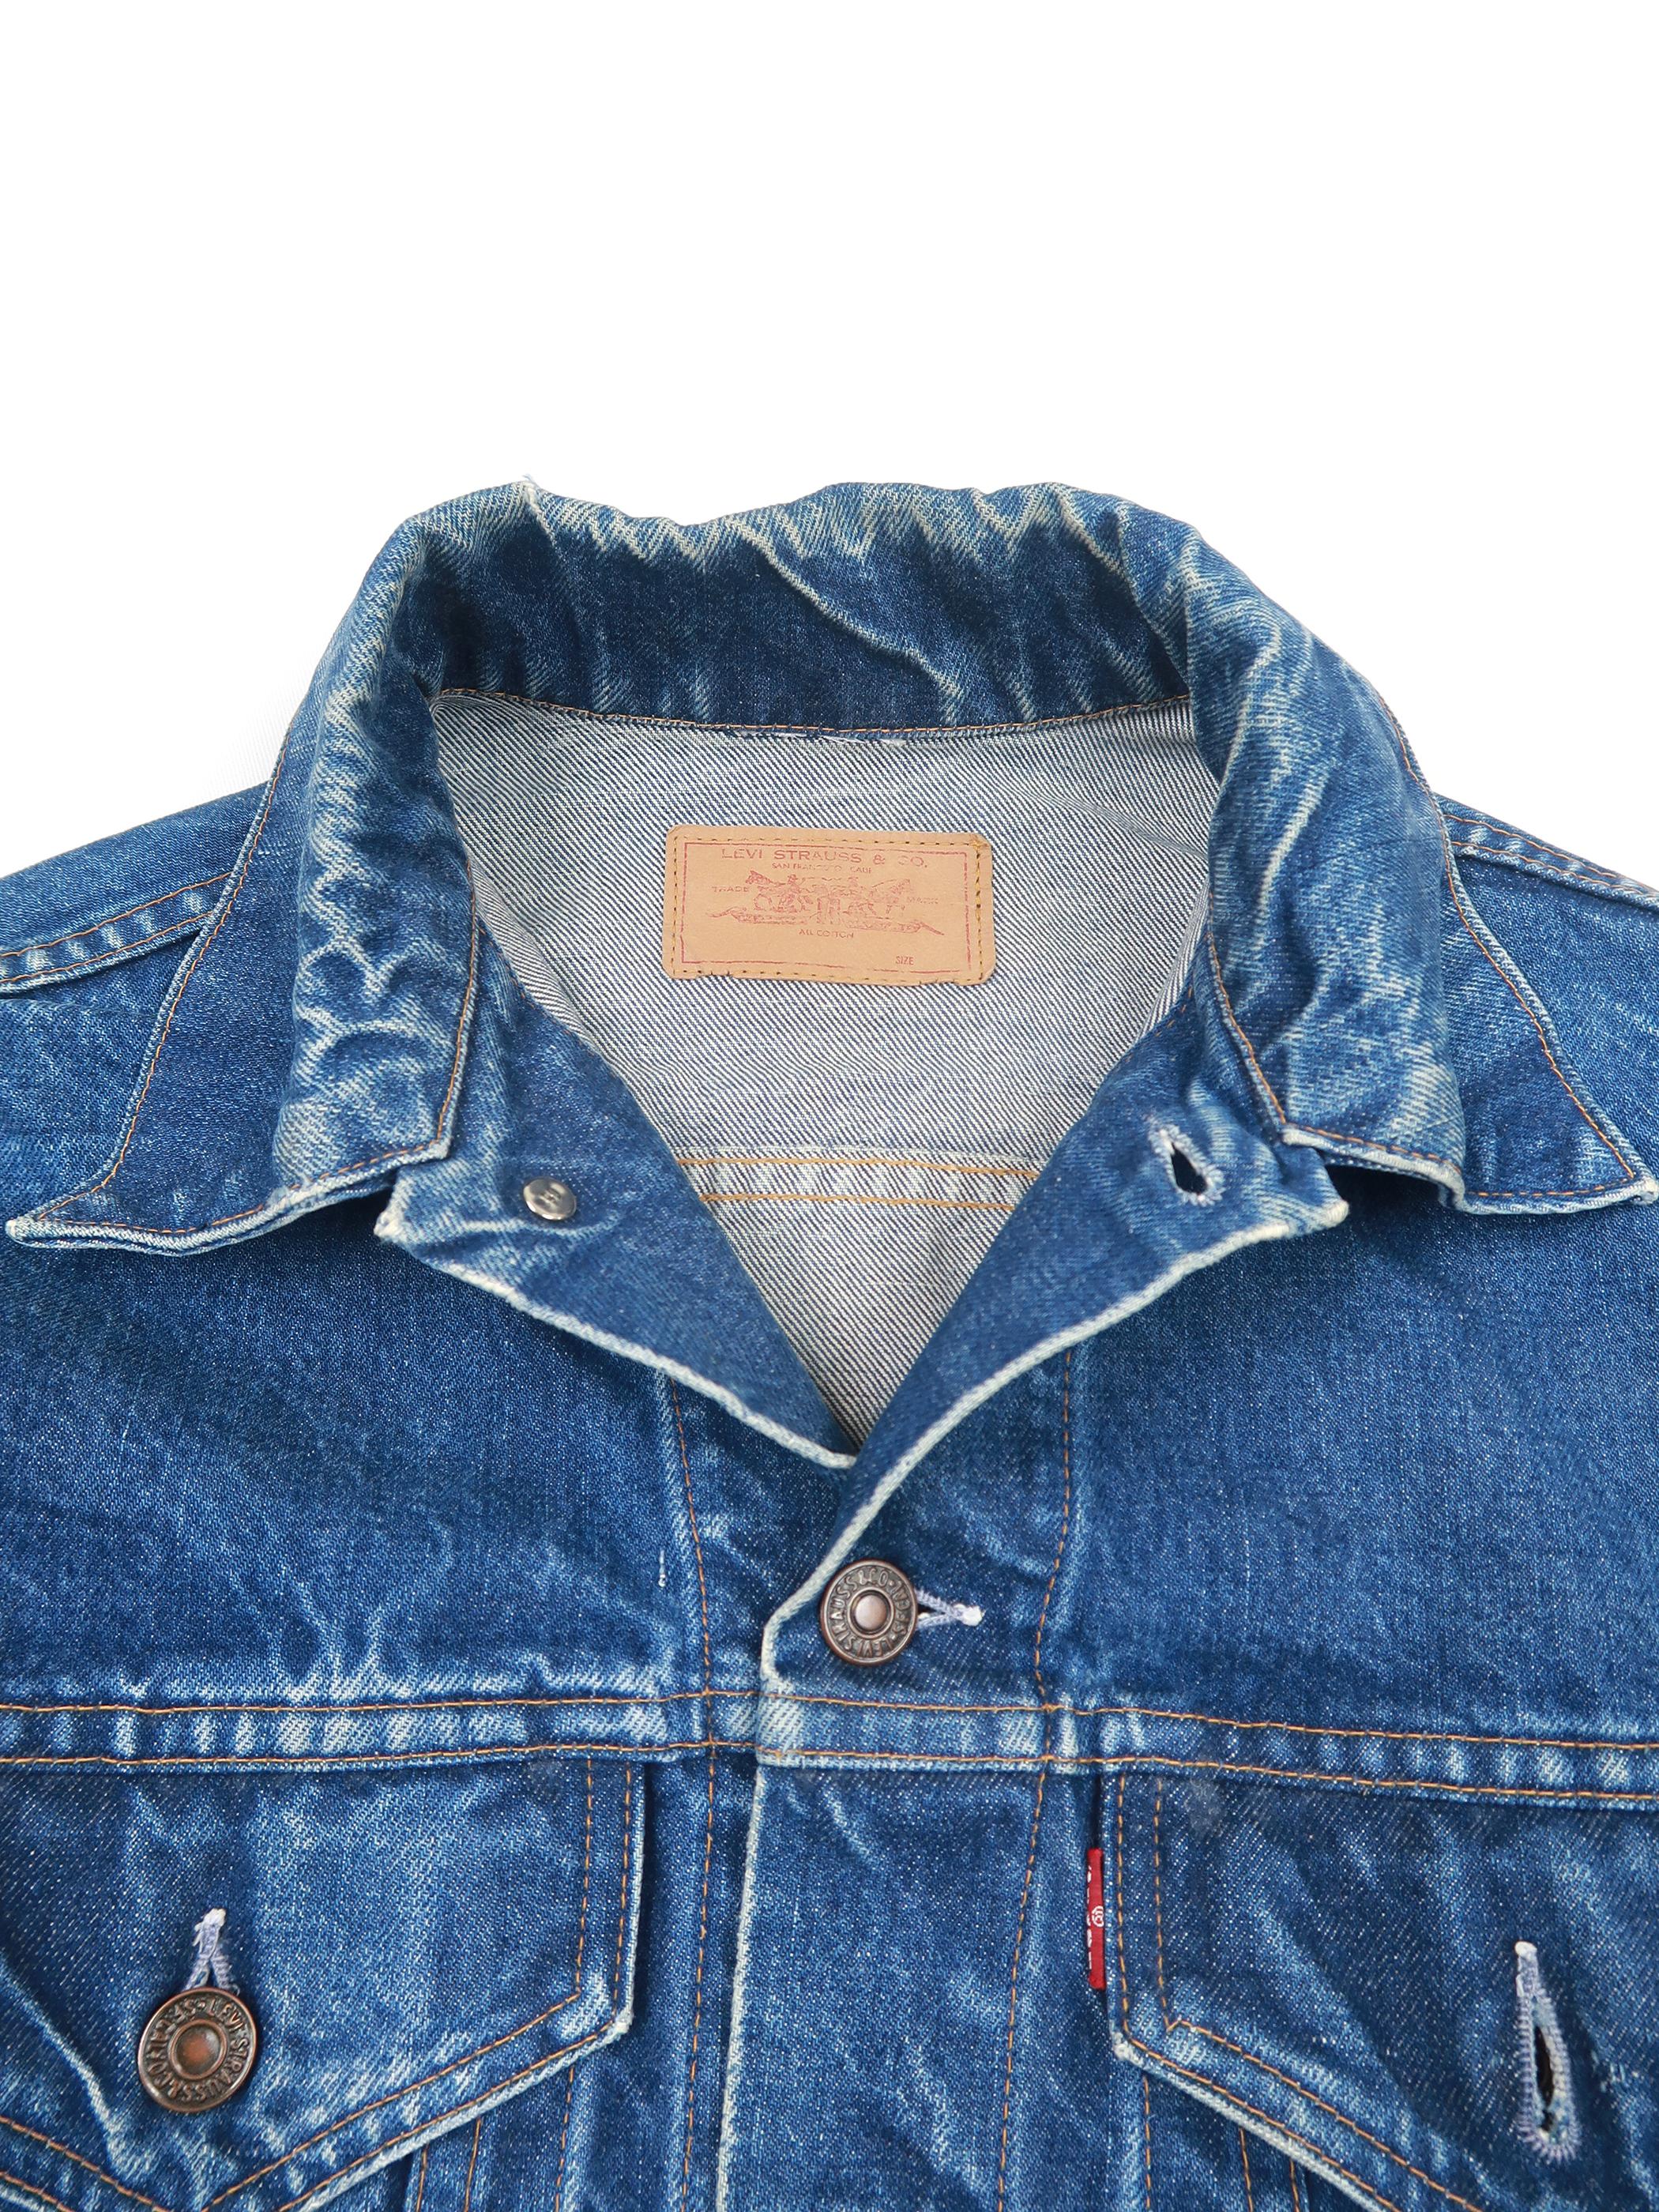 70年代 リーバイス 70505 デニムジャケット BIGE